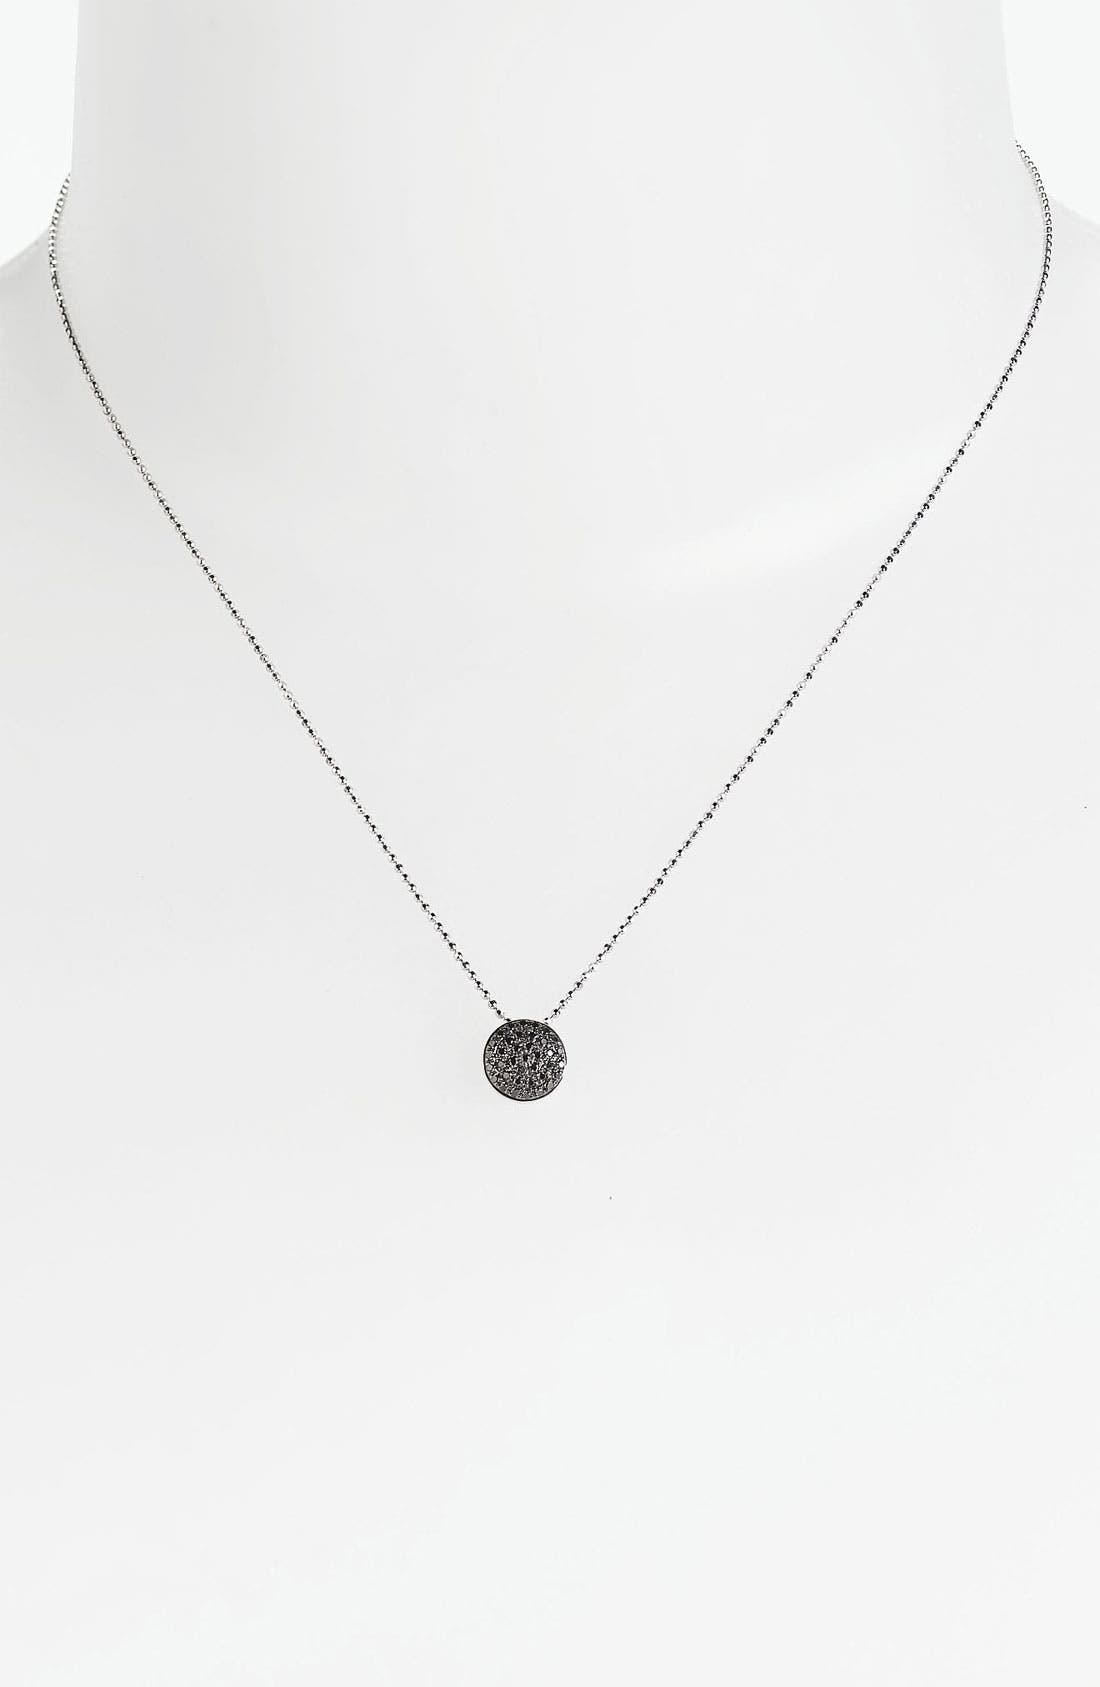 'Eclipse' Pavé Diamond Pendant Necklace,                         Main,                         color, Black/ White Gold